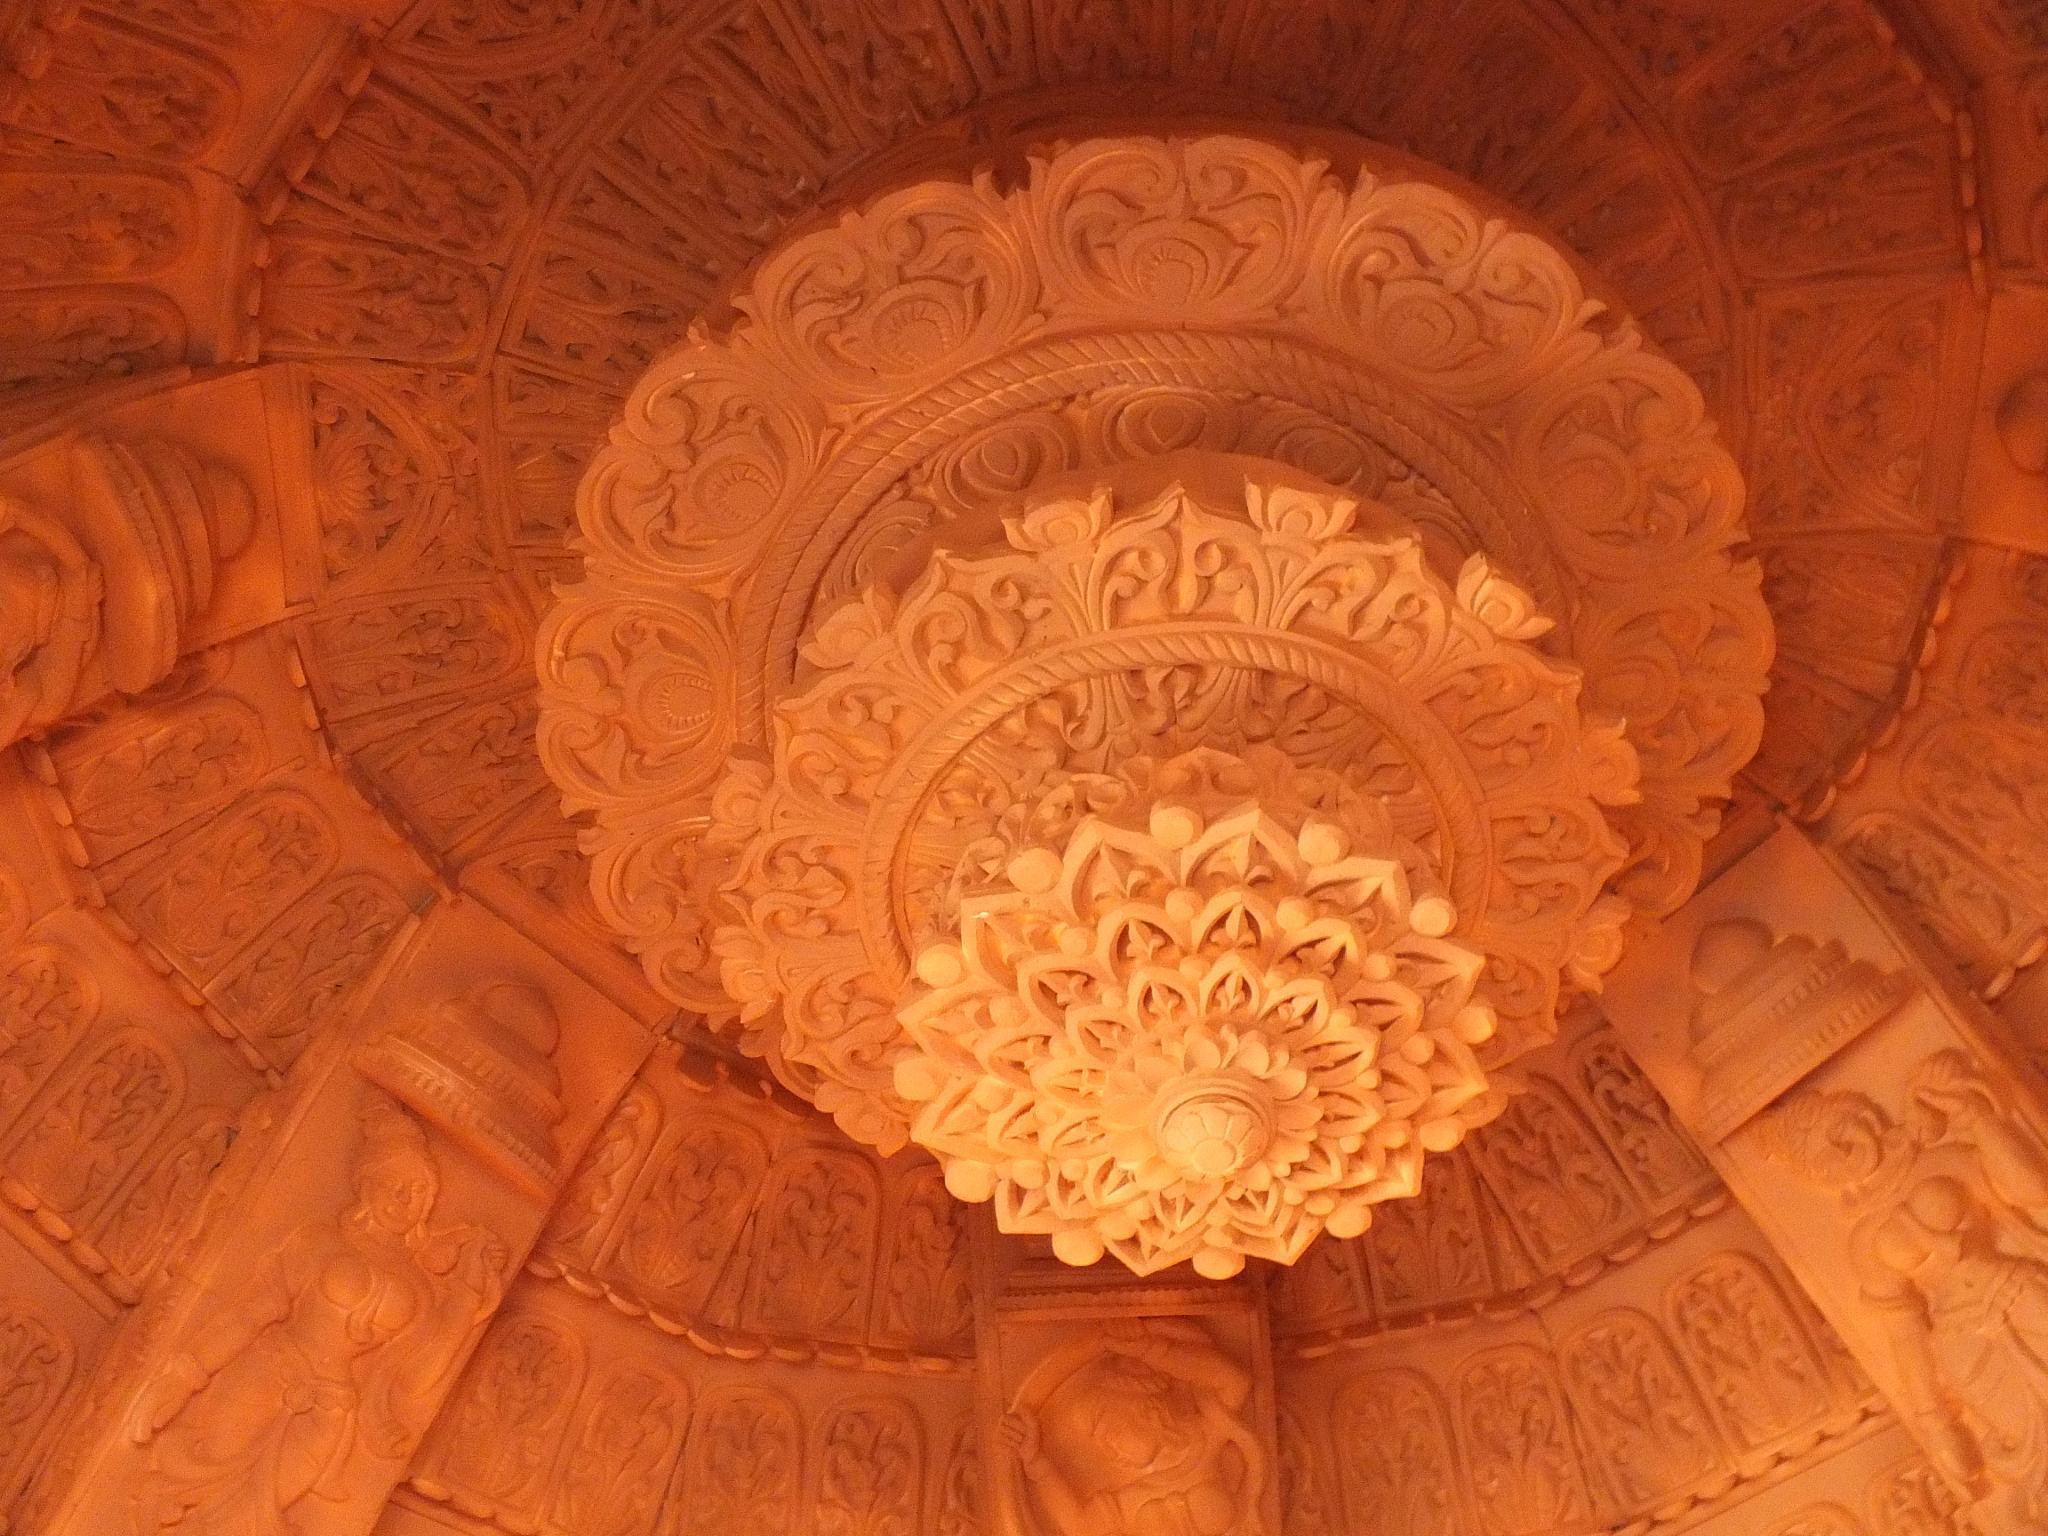 Dome of pandal by Mainak Adak